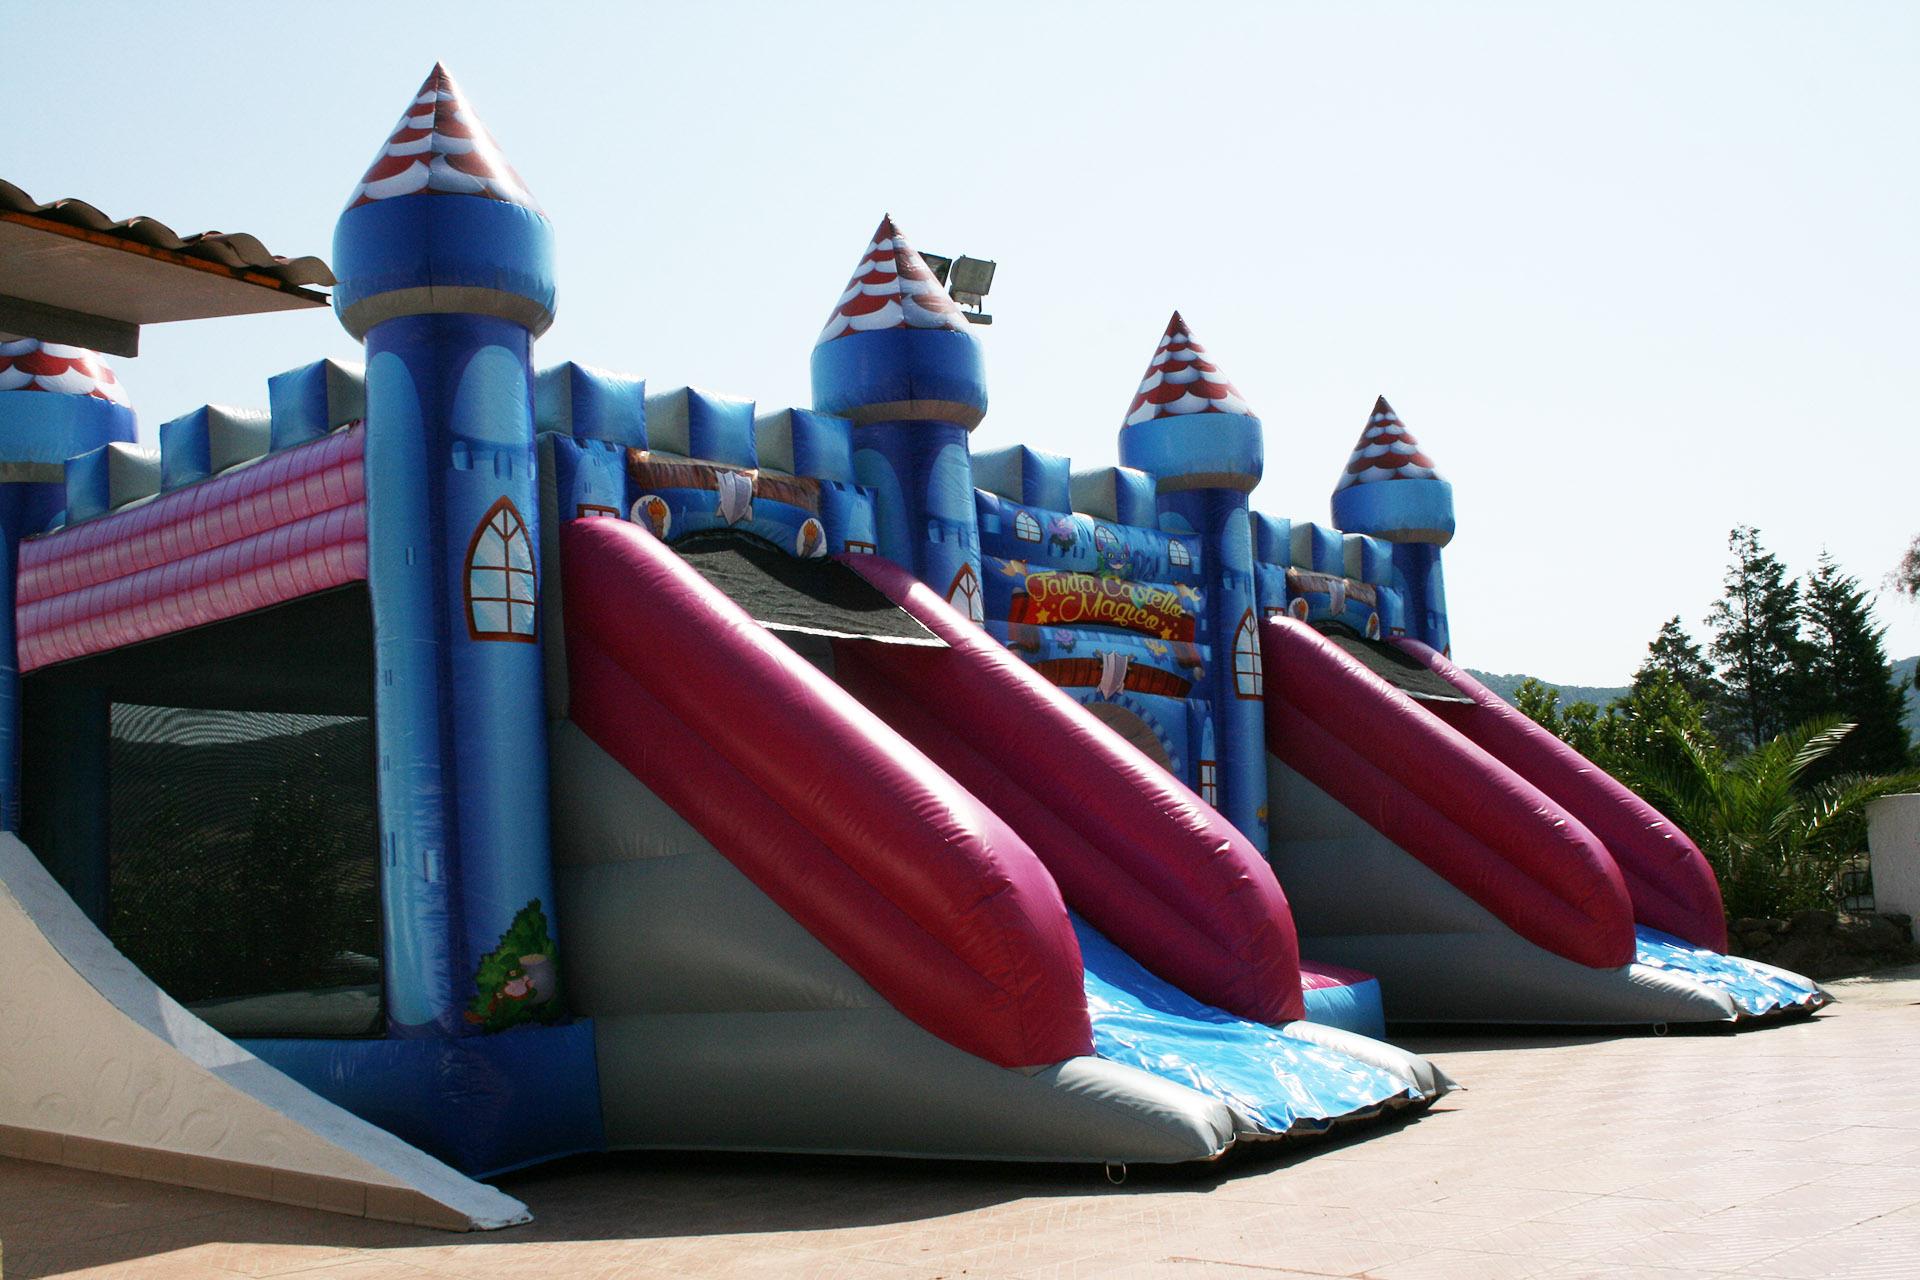 Parco Giochi Gonfiabile a Carbonia per compleanni e feste per bambini - Ristorante Tanit - Ristorante a Carbonia dal 1981 - 2